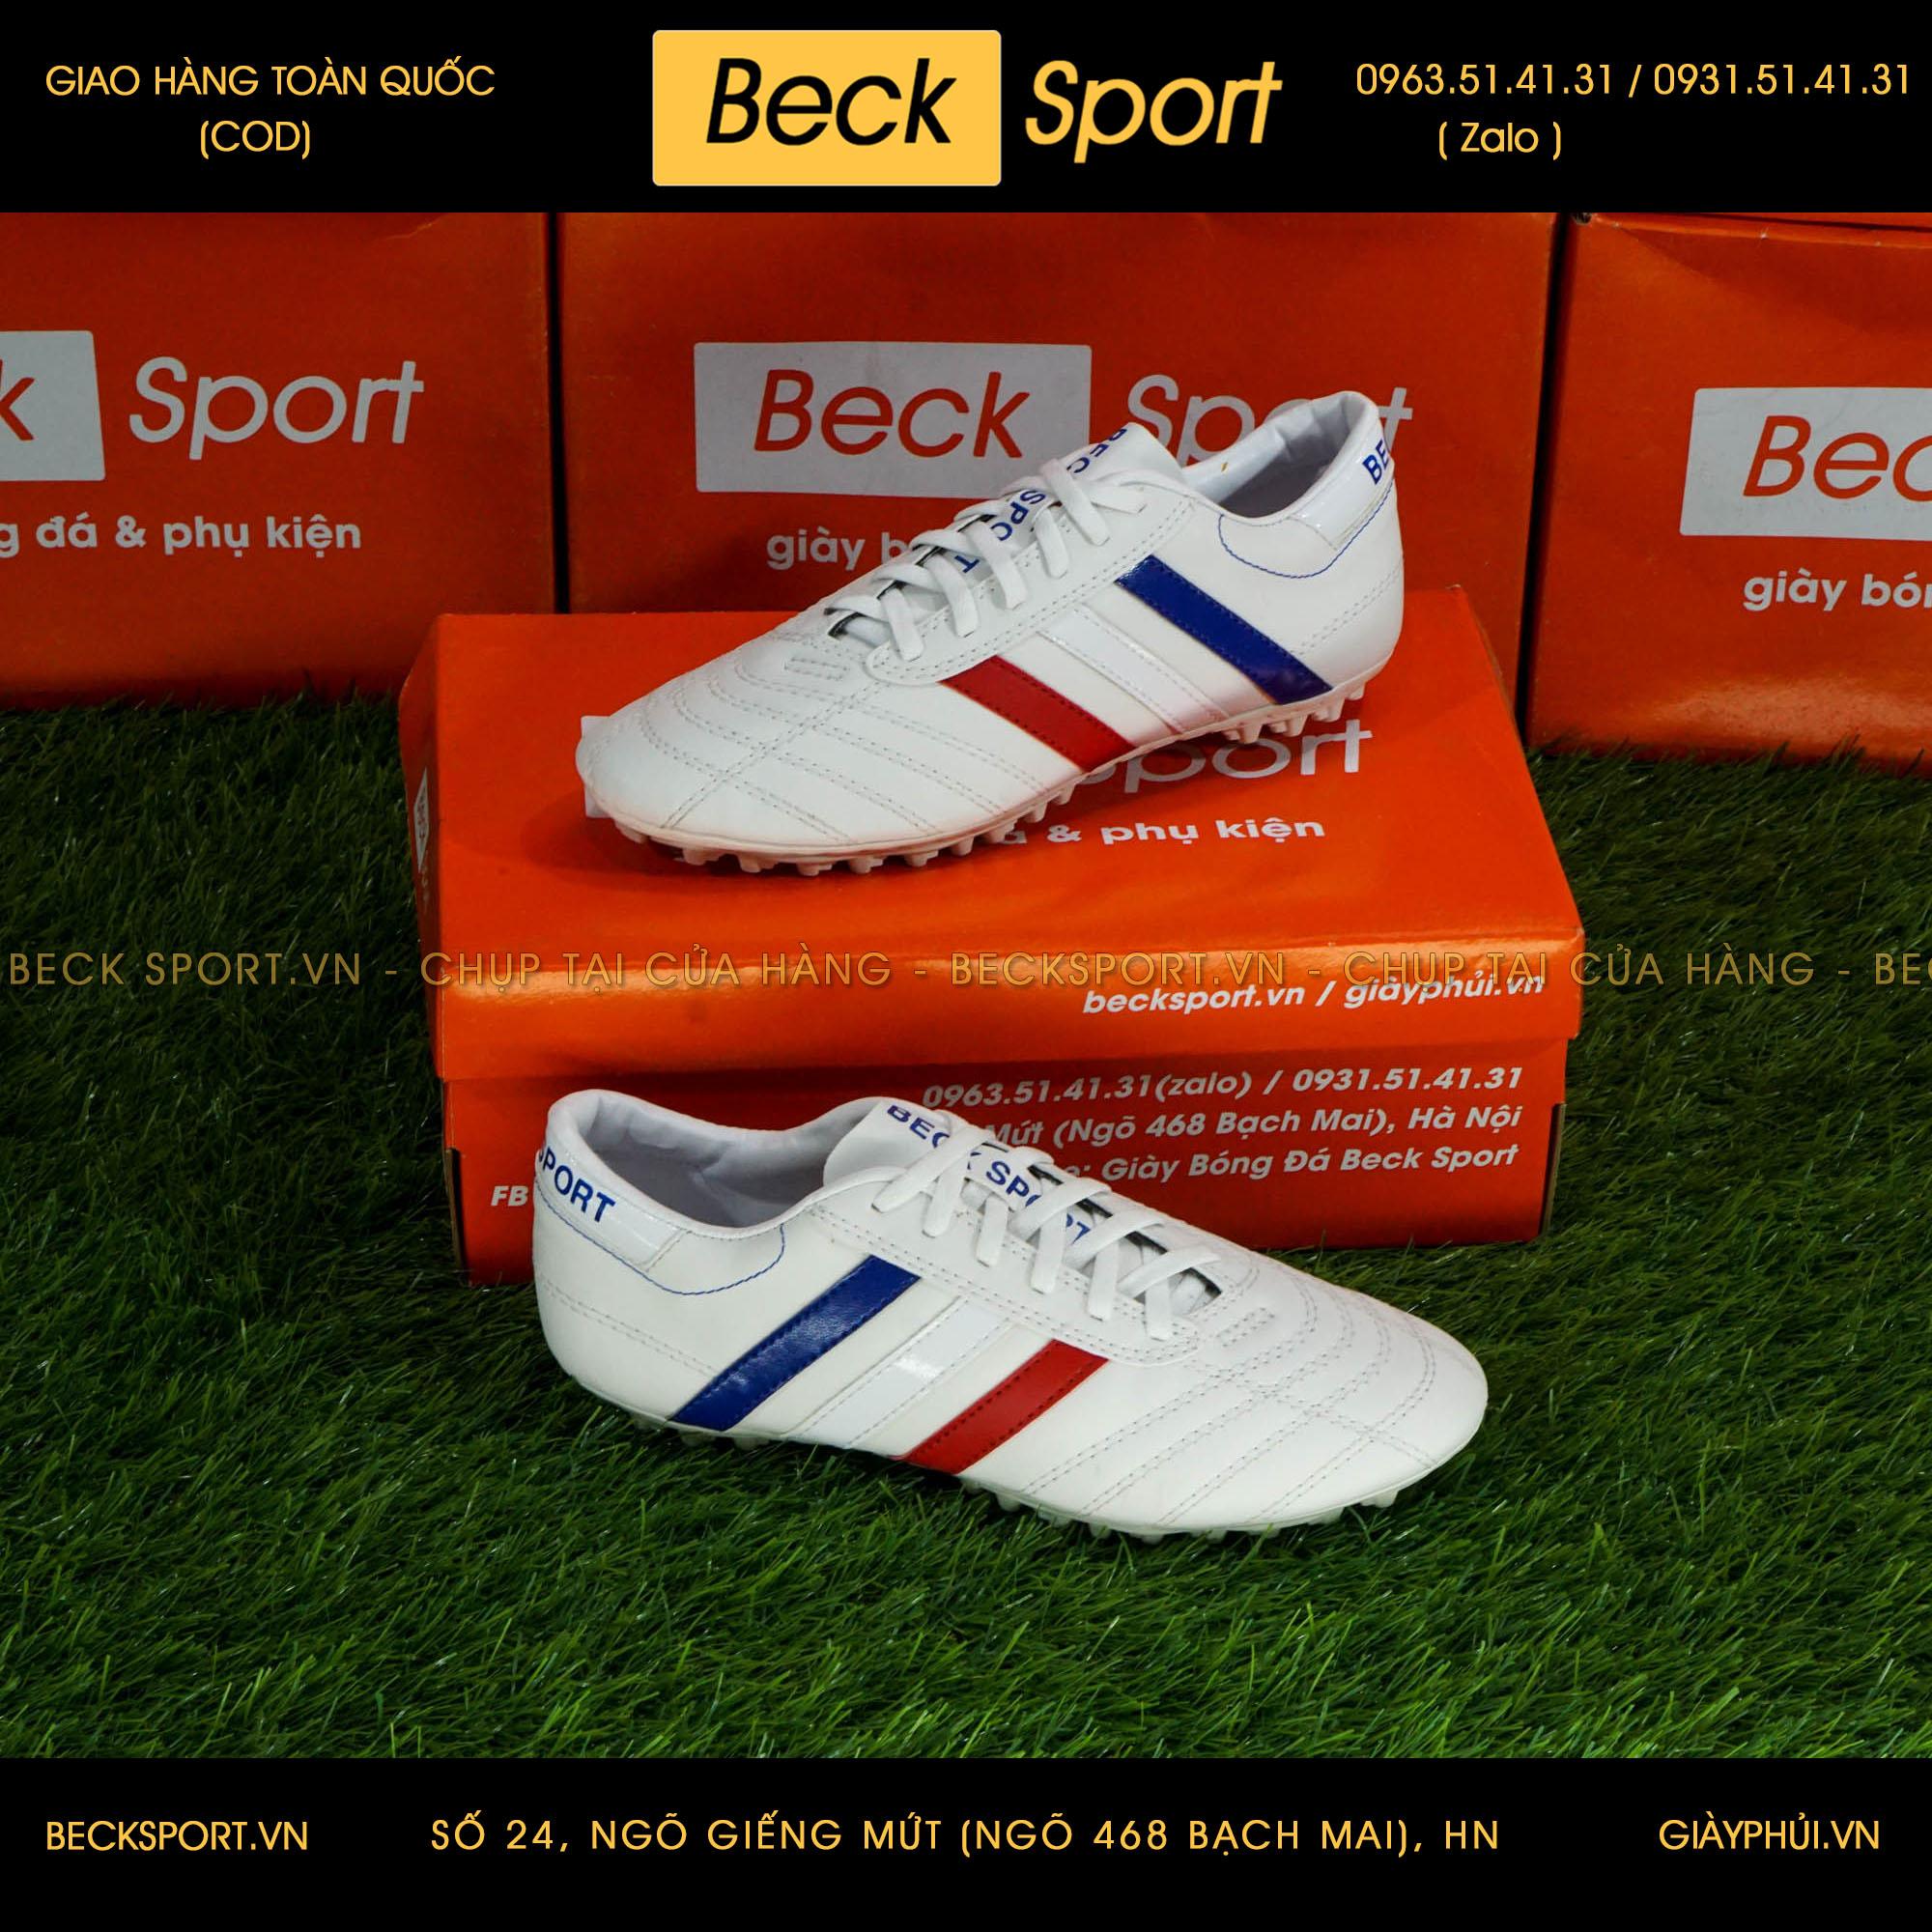 Giày Phủi 3 Sọc Loại 1 - Beck Quốc Kì Pháp